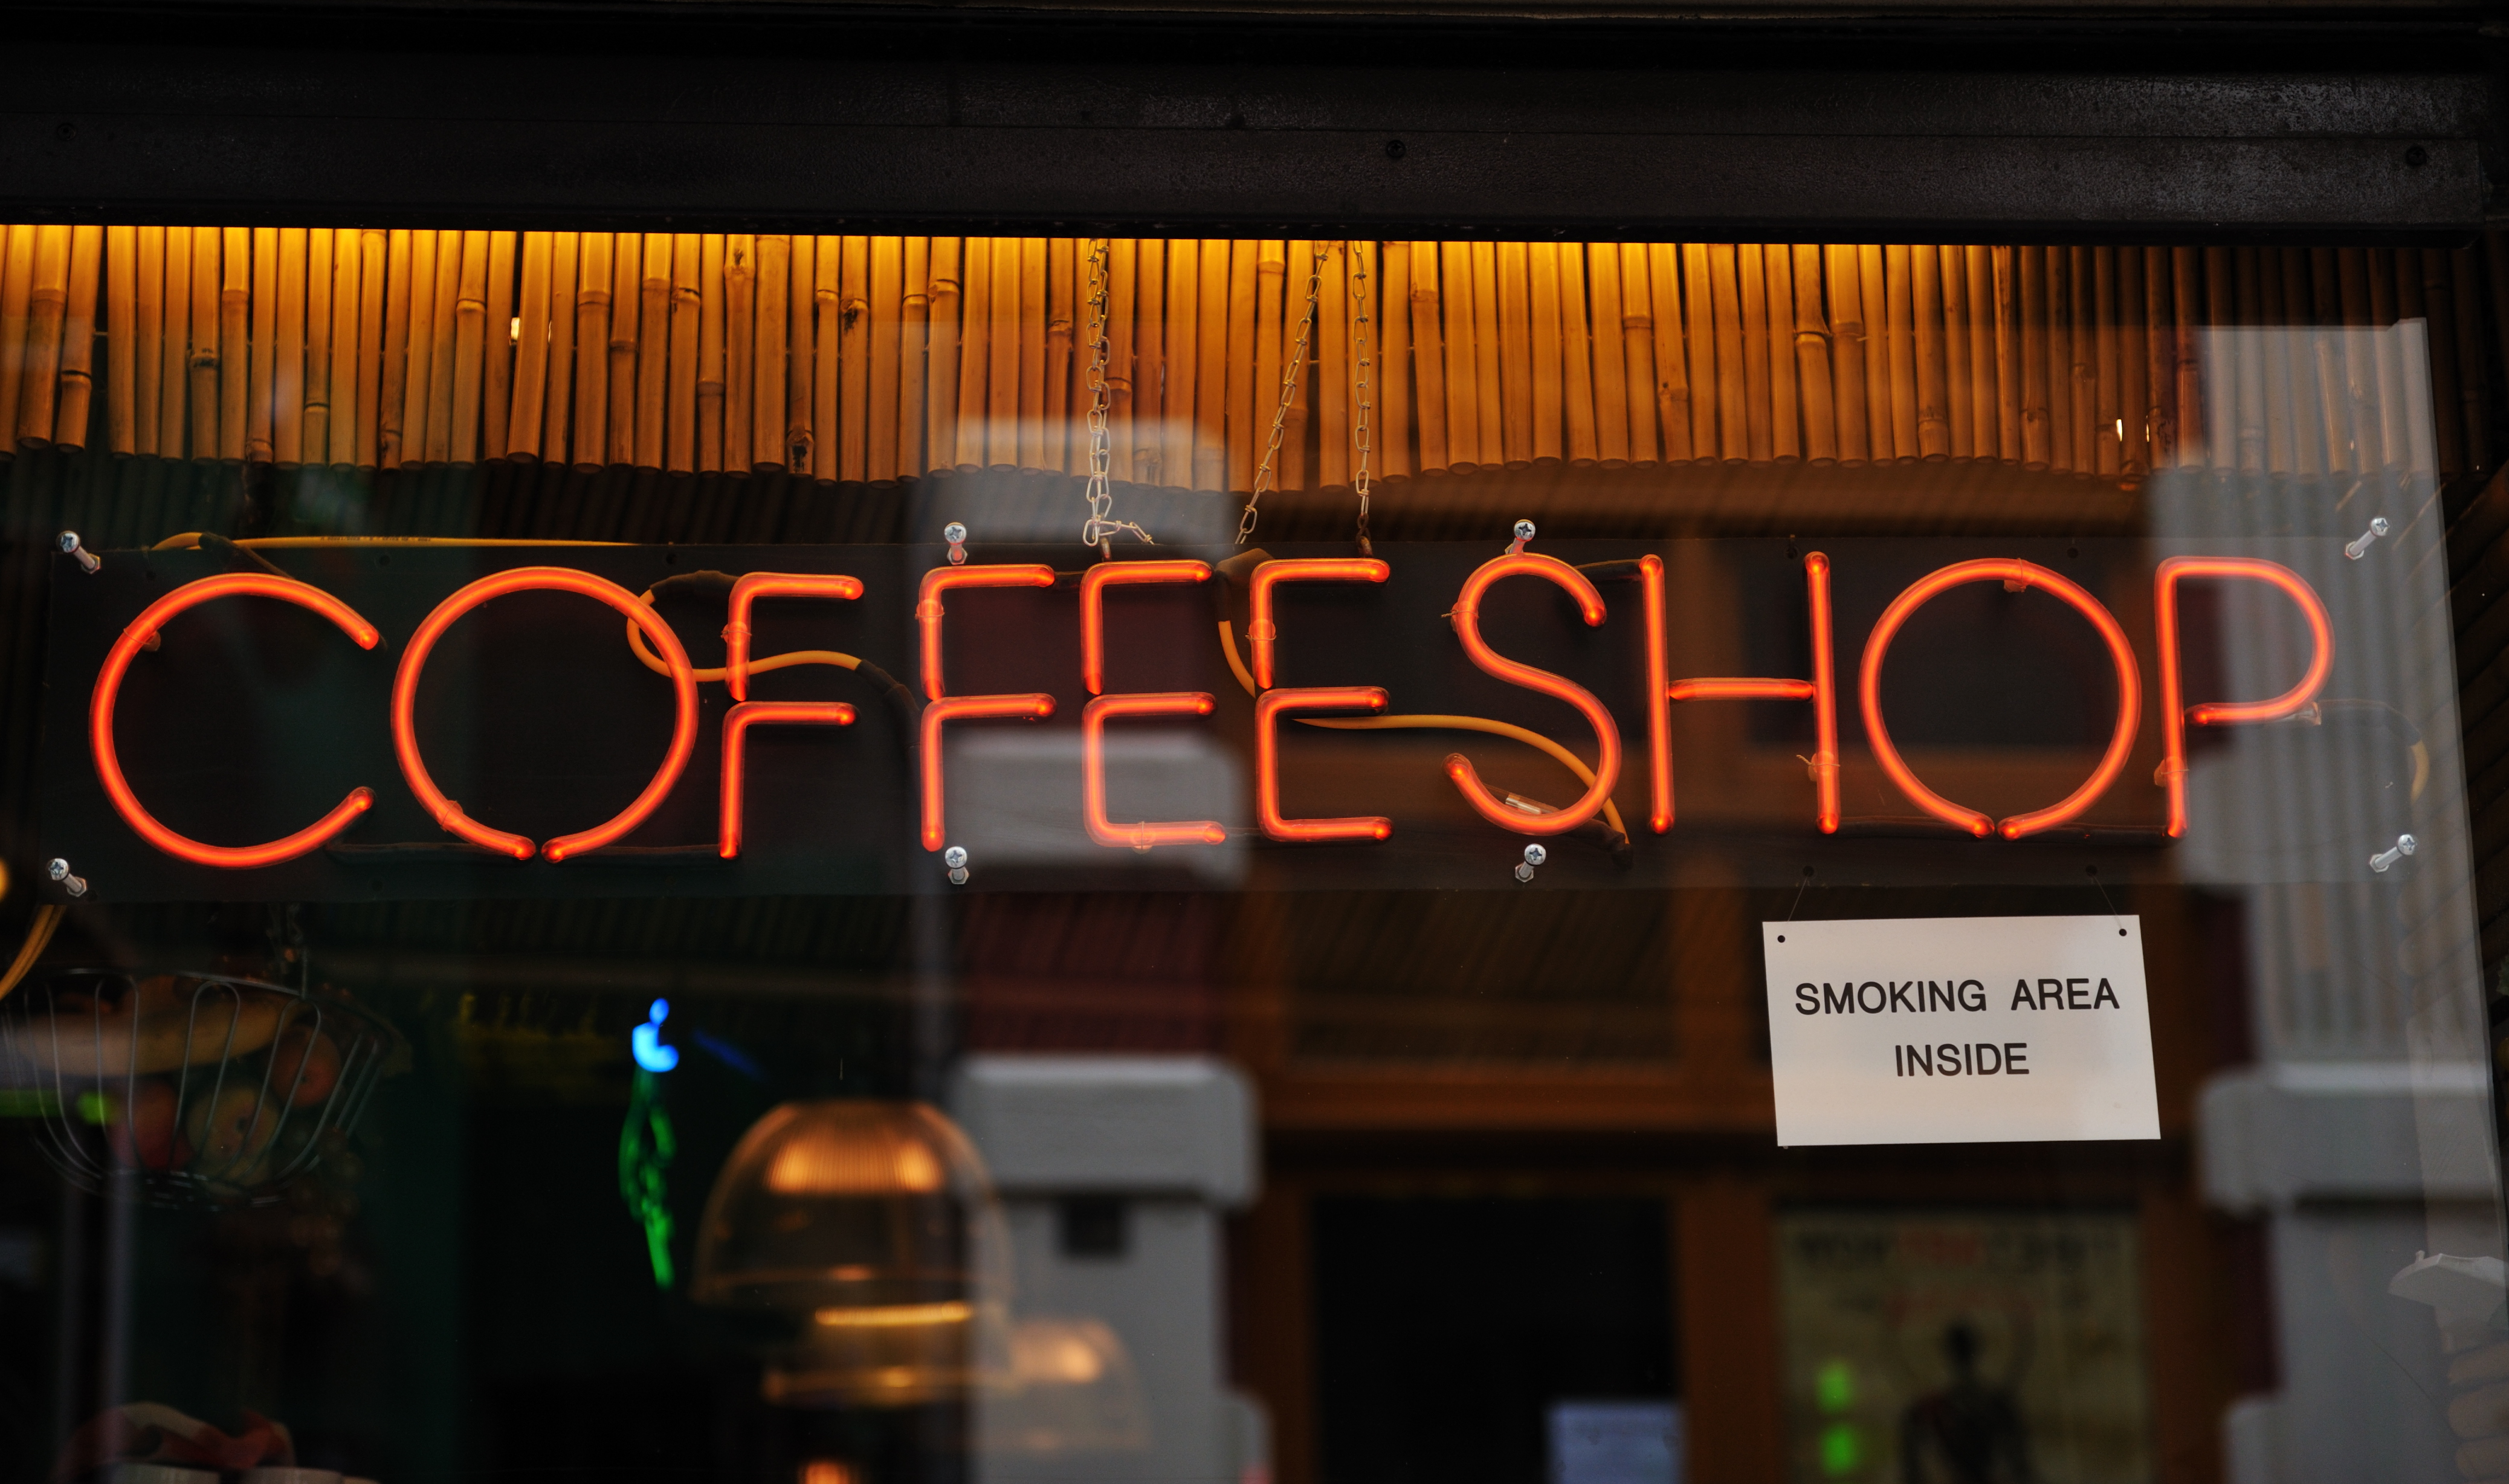 Ya que estás en Ámsterdam, visita un coffee shop - Holanda Escapada Escapada a Ámsterdam